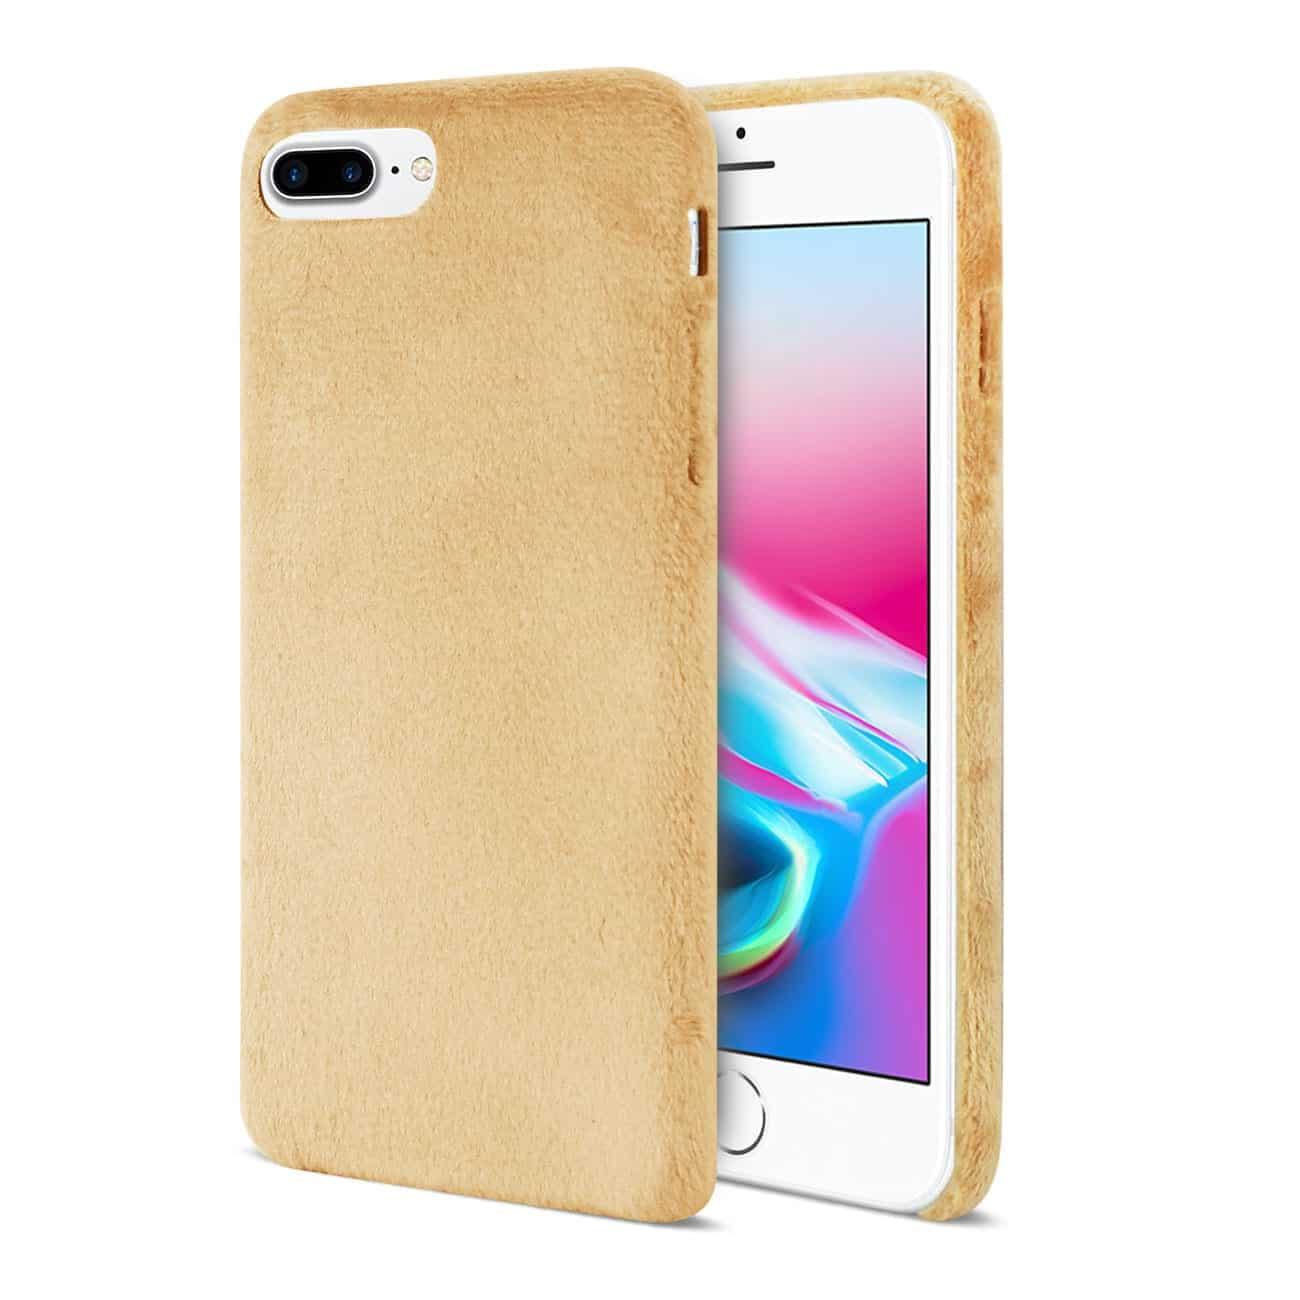 iPhone 8 Plus/ 7 Plus Fuzzy Fur Soft TPU Case In Camel